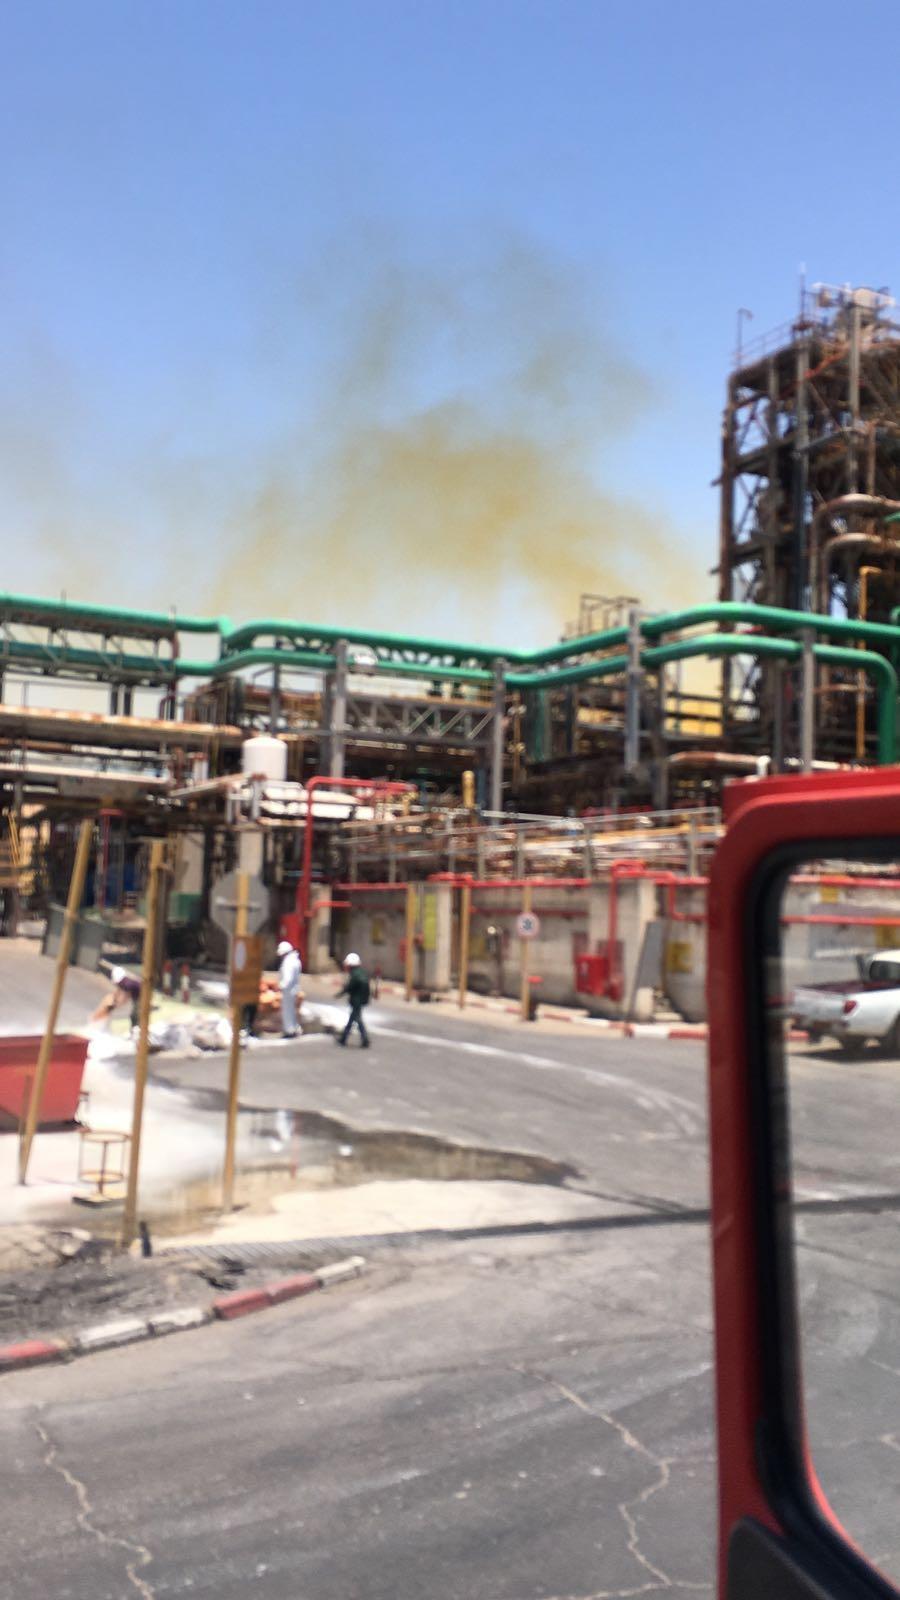 البحر الميت: تسرب مواد كيميائية من مصانع إنتاج المعادن